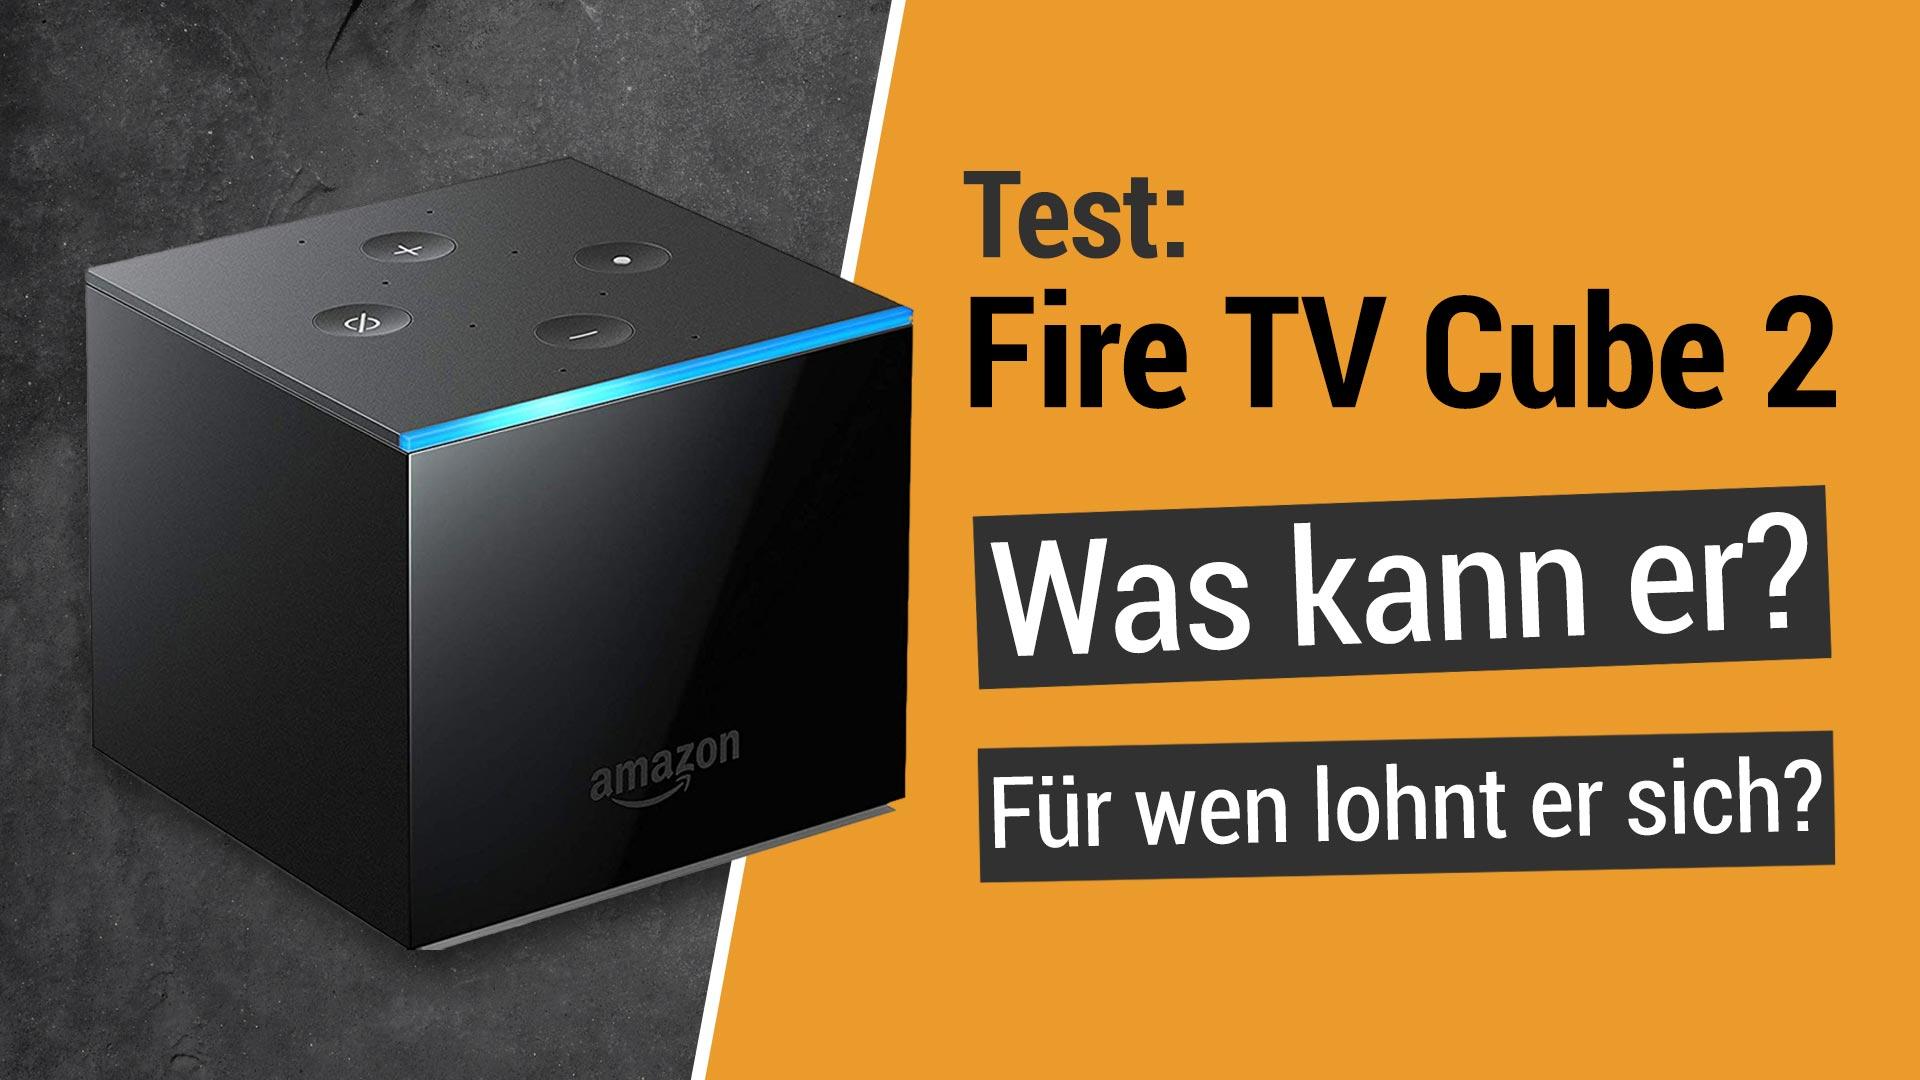 Test: Fire TV Cube 2: Was kann er & lohnt er sich? (deutsch)